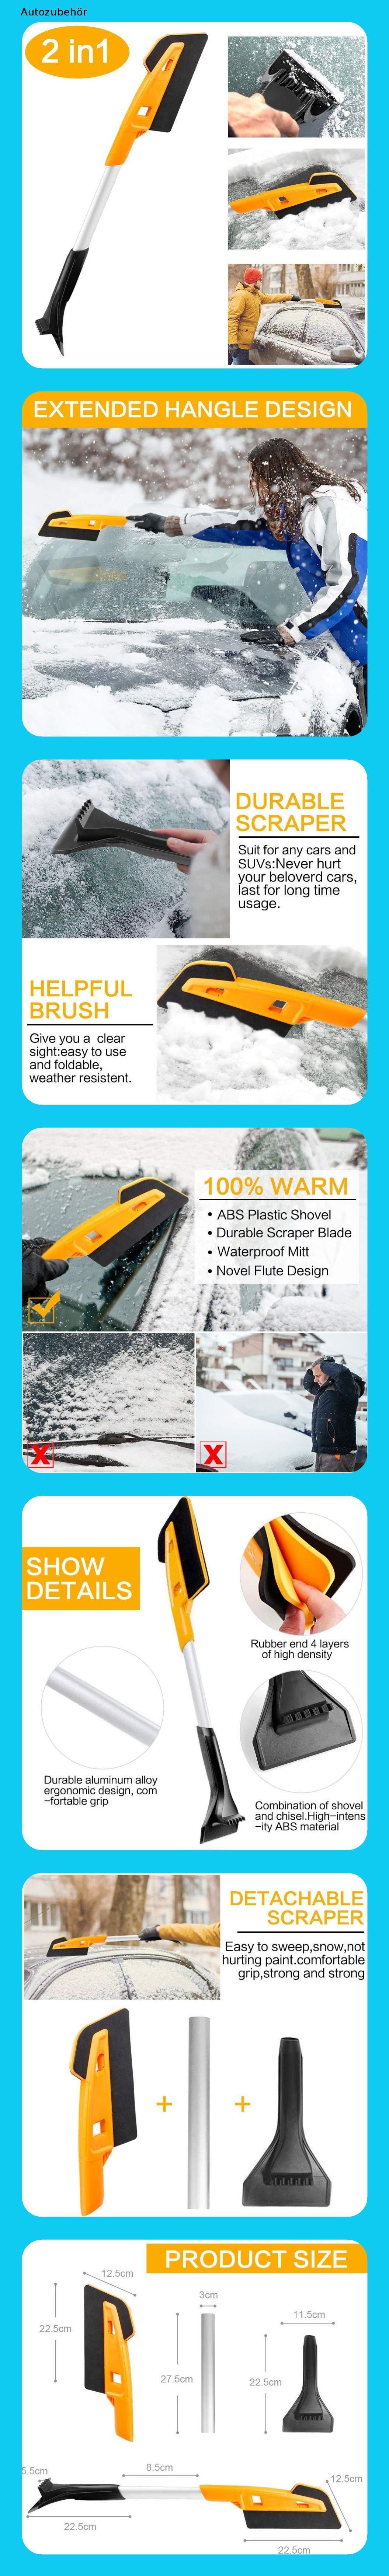 MATCC Eiskratzer Auto mit Besen Schneebesen Auto Eisschaber 2 in 1 Schneeb/ürste mit 270/° B/ürstenkopf Gro/ß und Dick Schneefeger f/ür Car Auto SUV